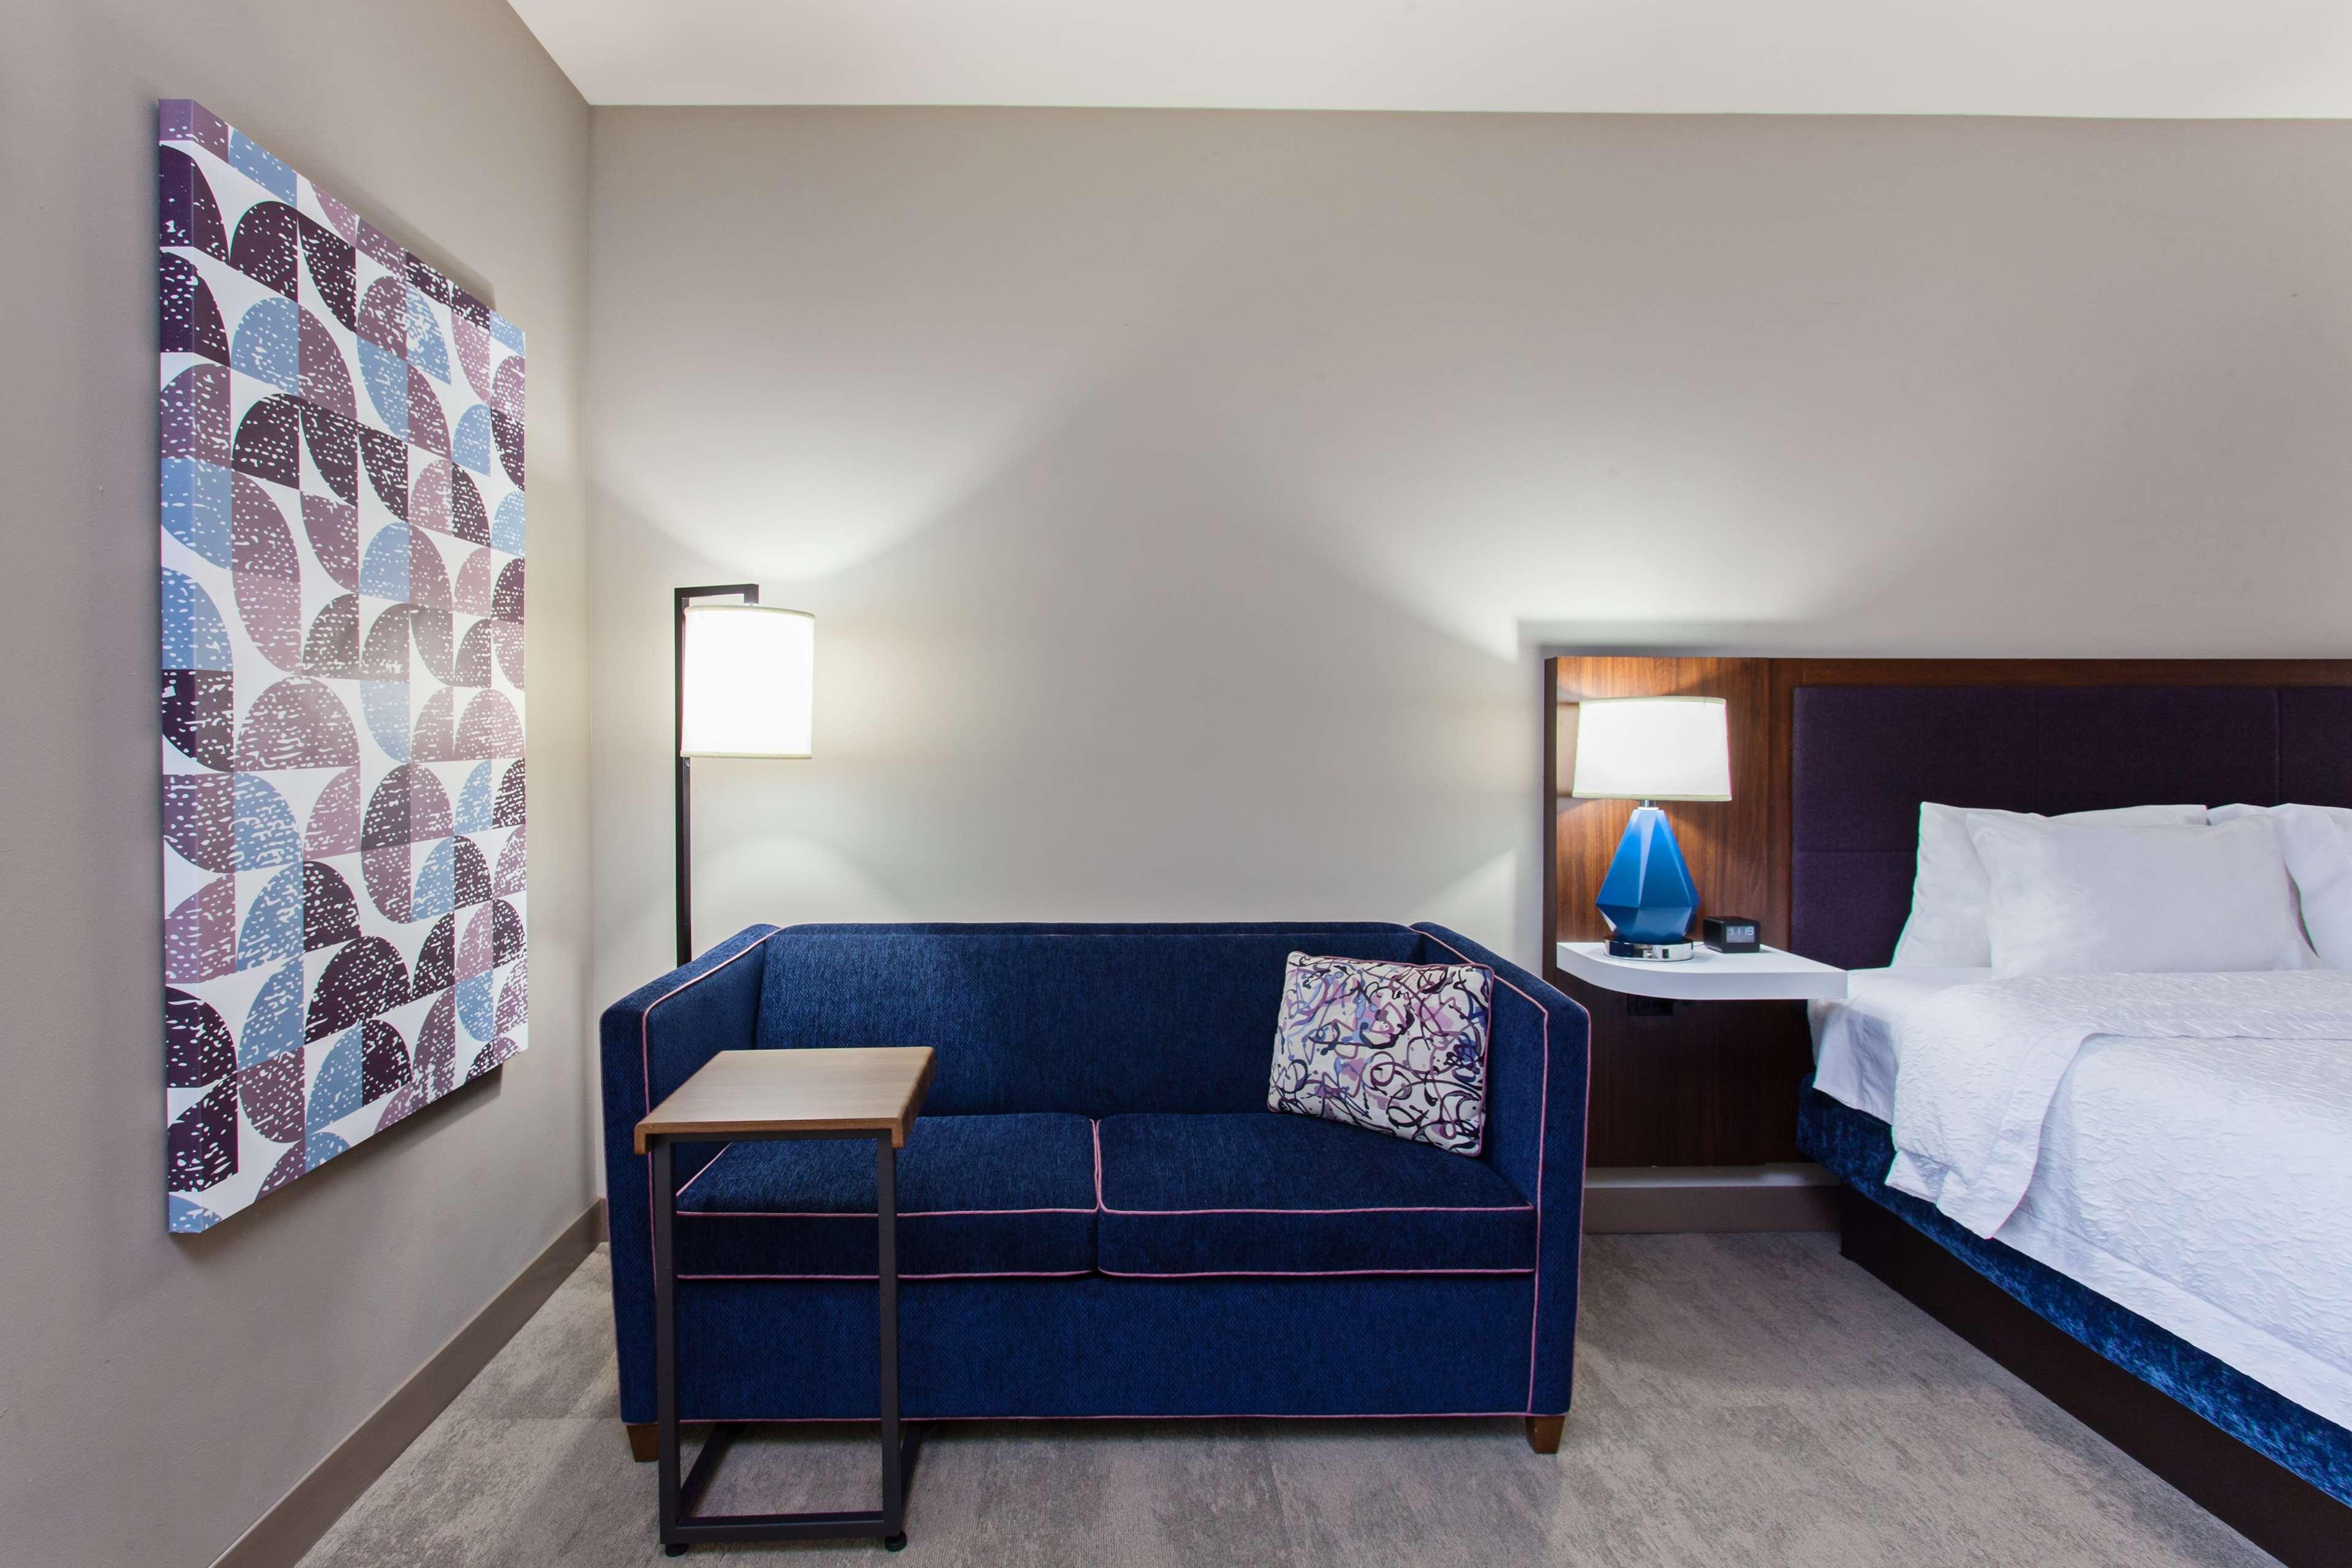 Hampton Inn & Suites Leavenworth image 16